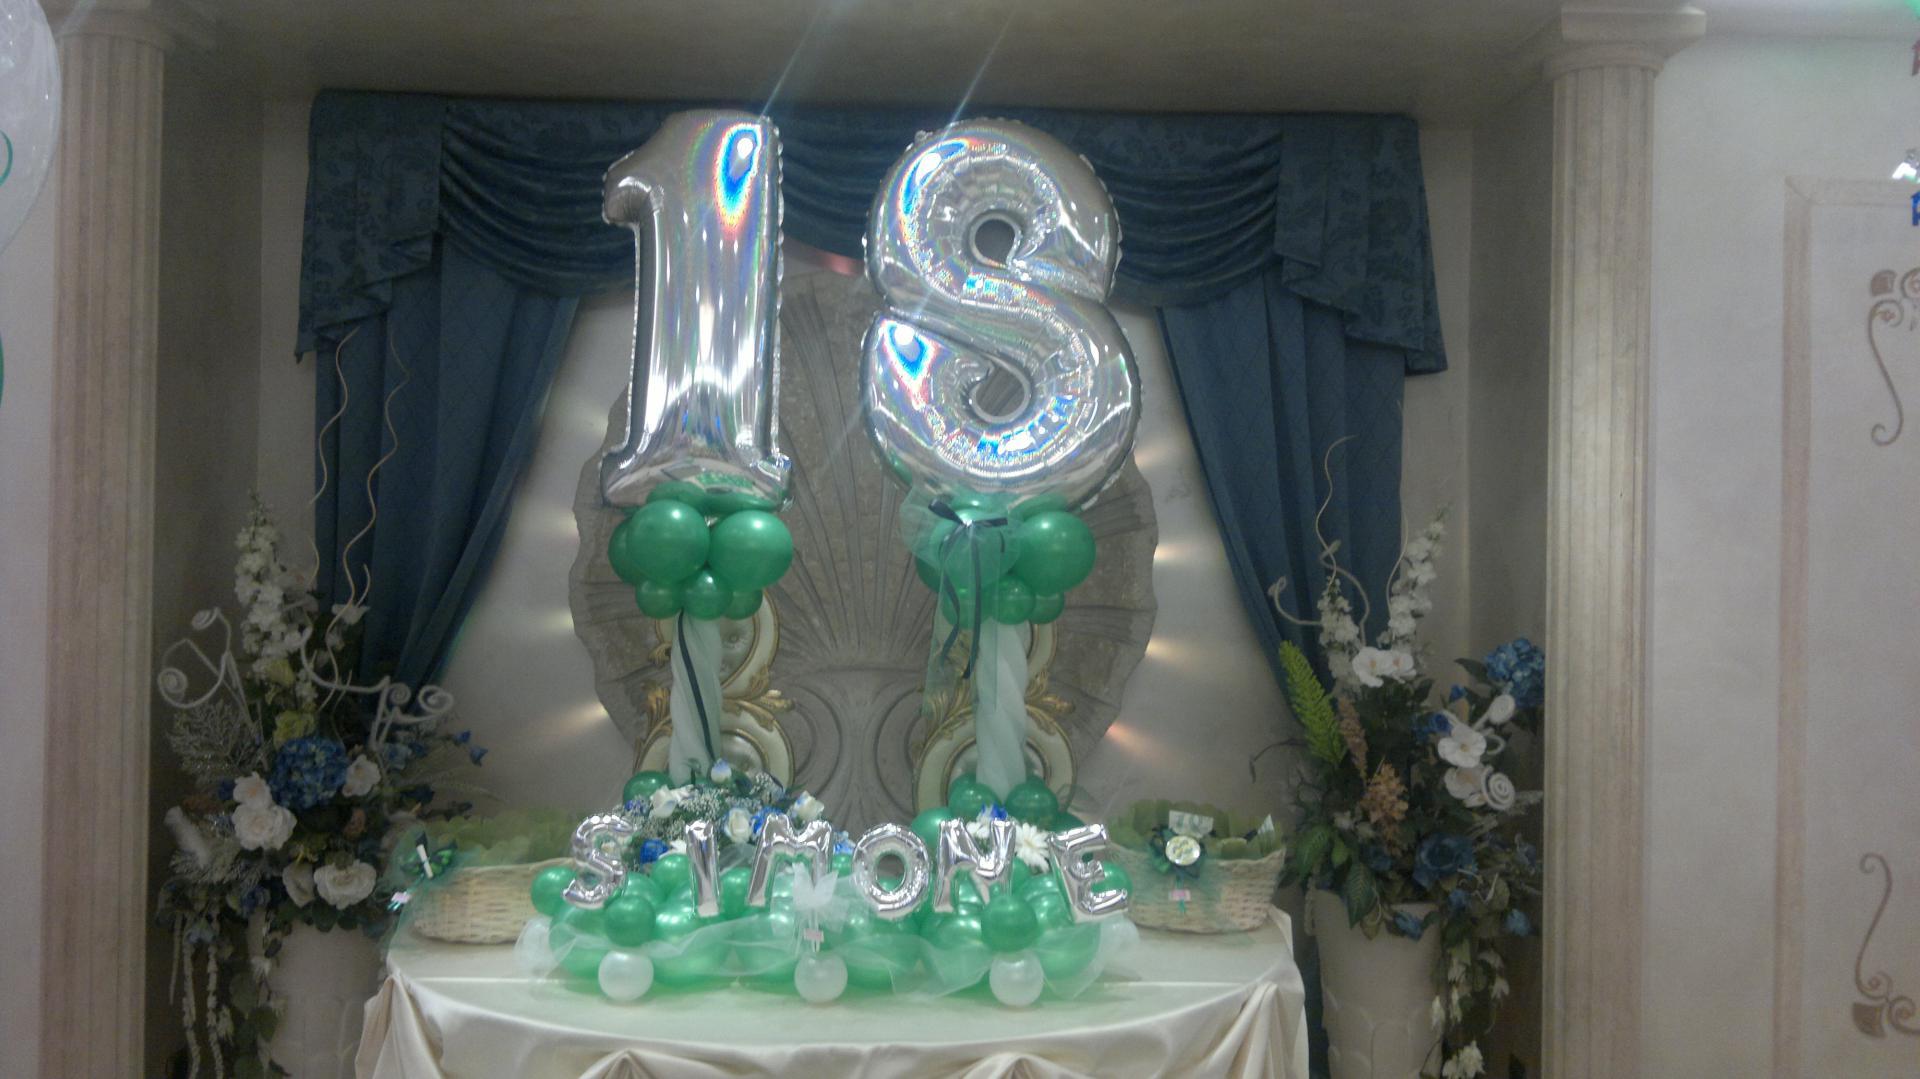 18 anni di luisanna simonelli roma ballon fantasy srl balloon art e party decoration - Addobbi tavoli per 18 anni ...